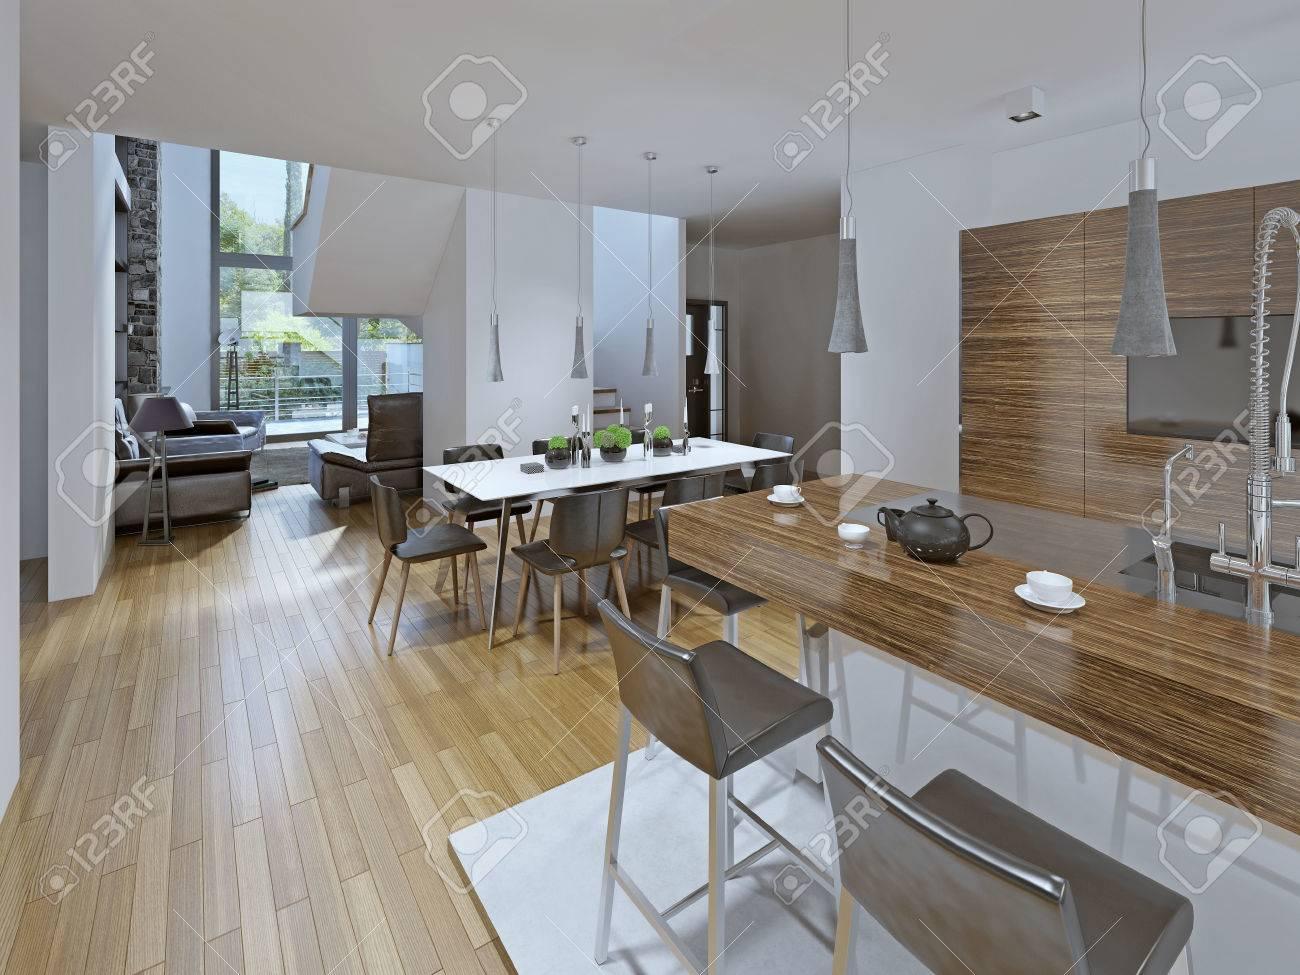 Küche Mit Essbereich. Kombinierte Esszimmer Mit Küche. Der Kontrast  Zwischen Weiß Und Braun.